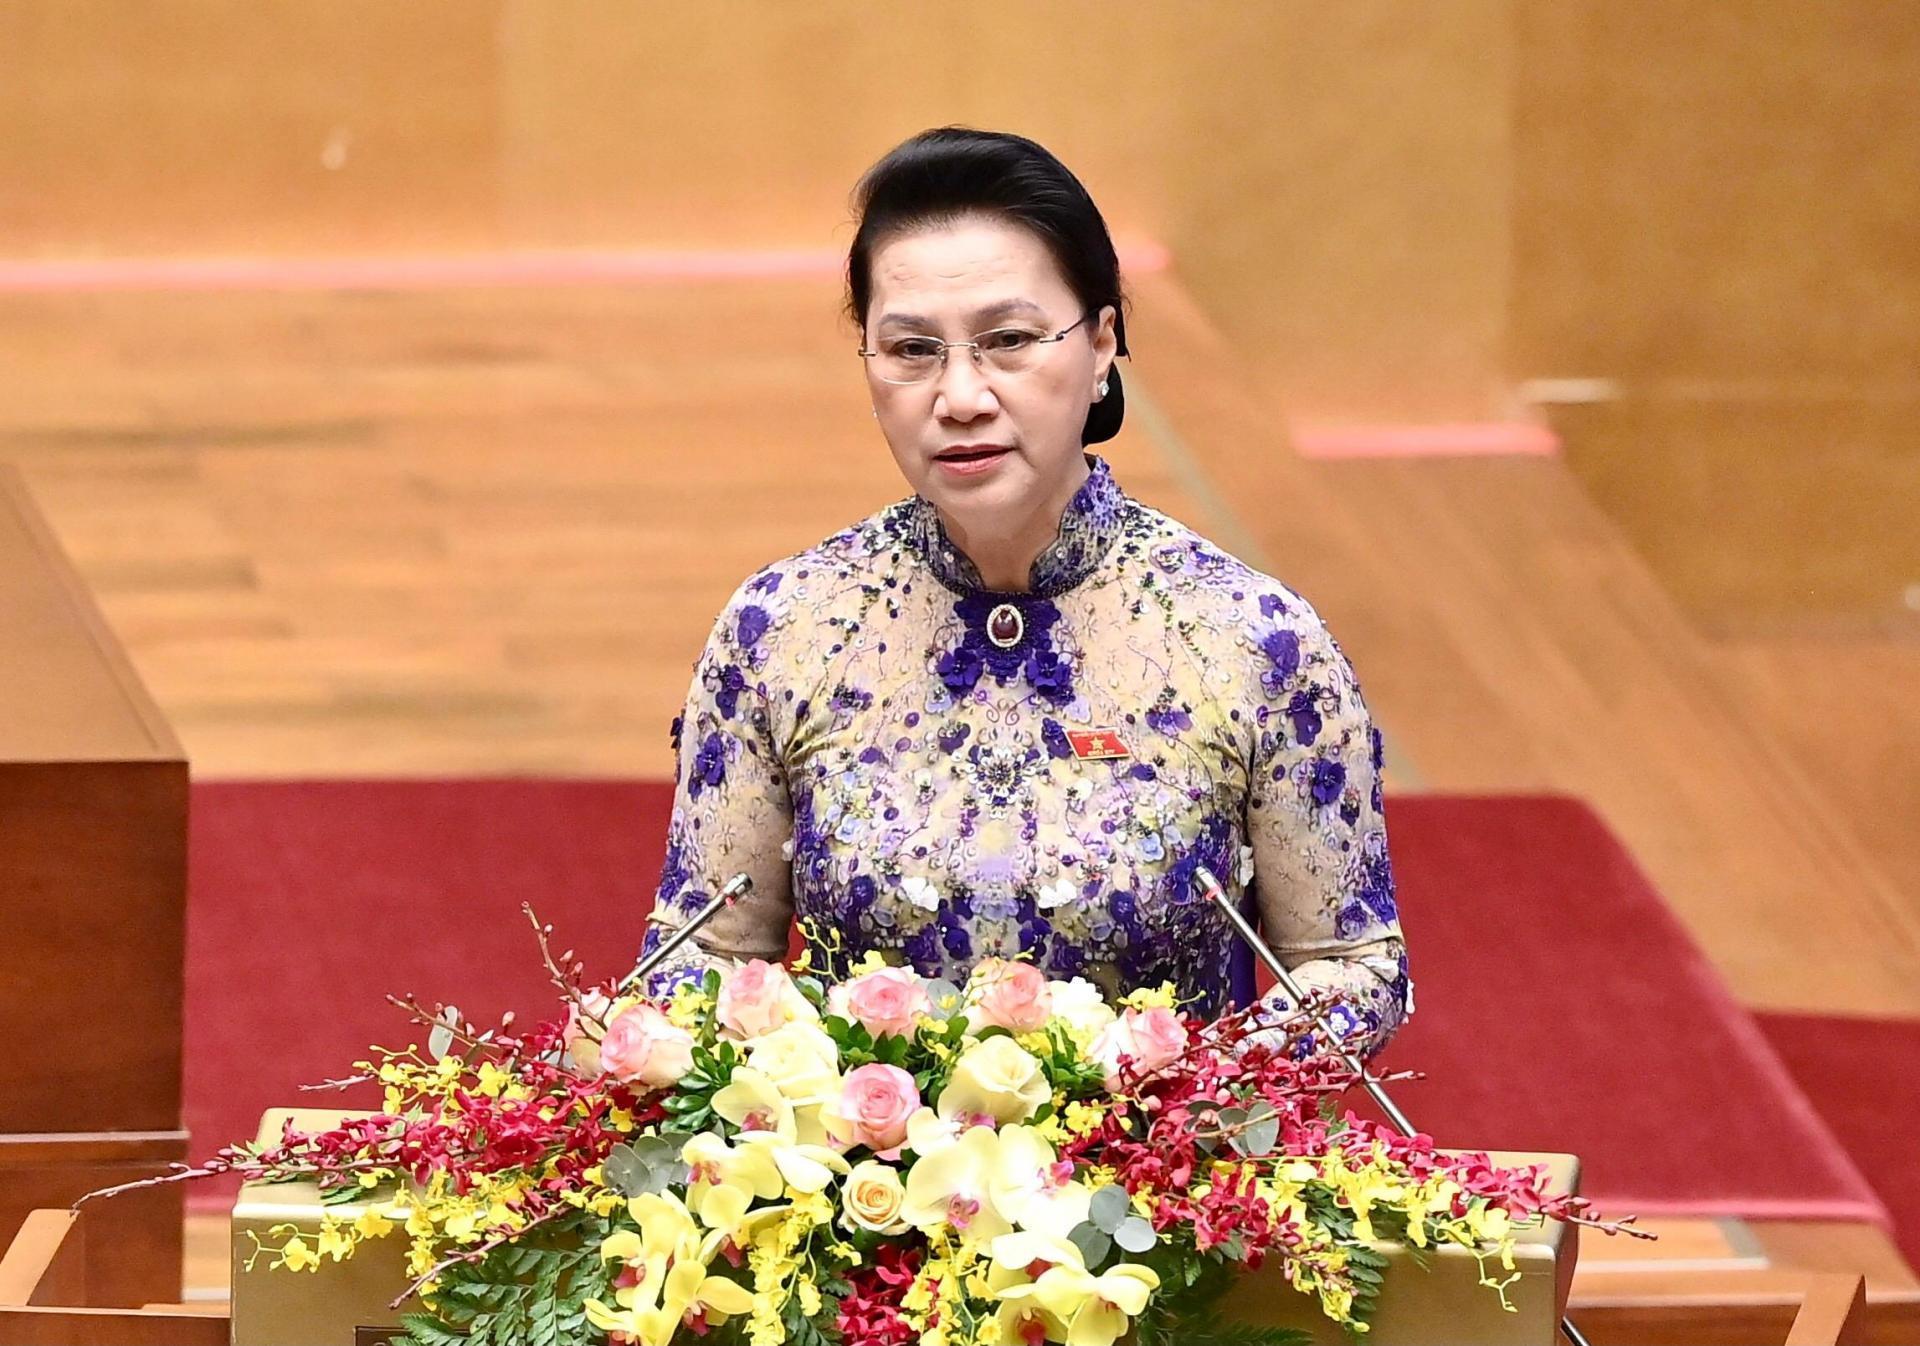 Chủ tịch Quốc hội Nguyễn Thị Kim Ngân trình bày Báo cáo công tác nhiệm kỳ khoá XIV của Quốc hội tại phiên khai mạc Kỳ họp lần thứ 11.